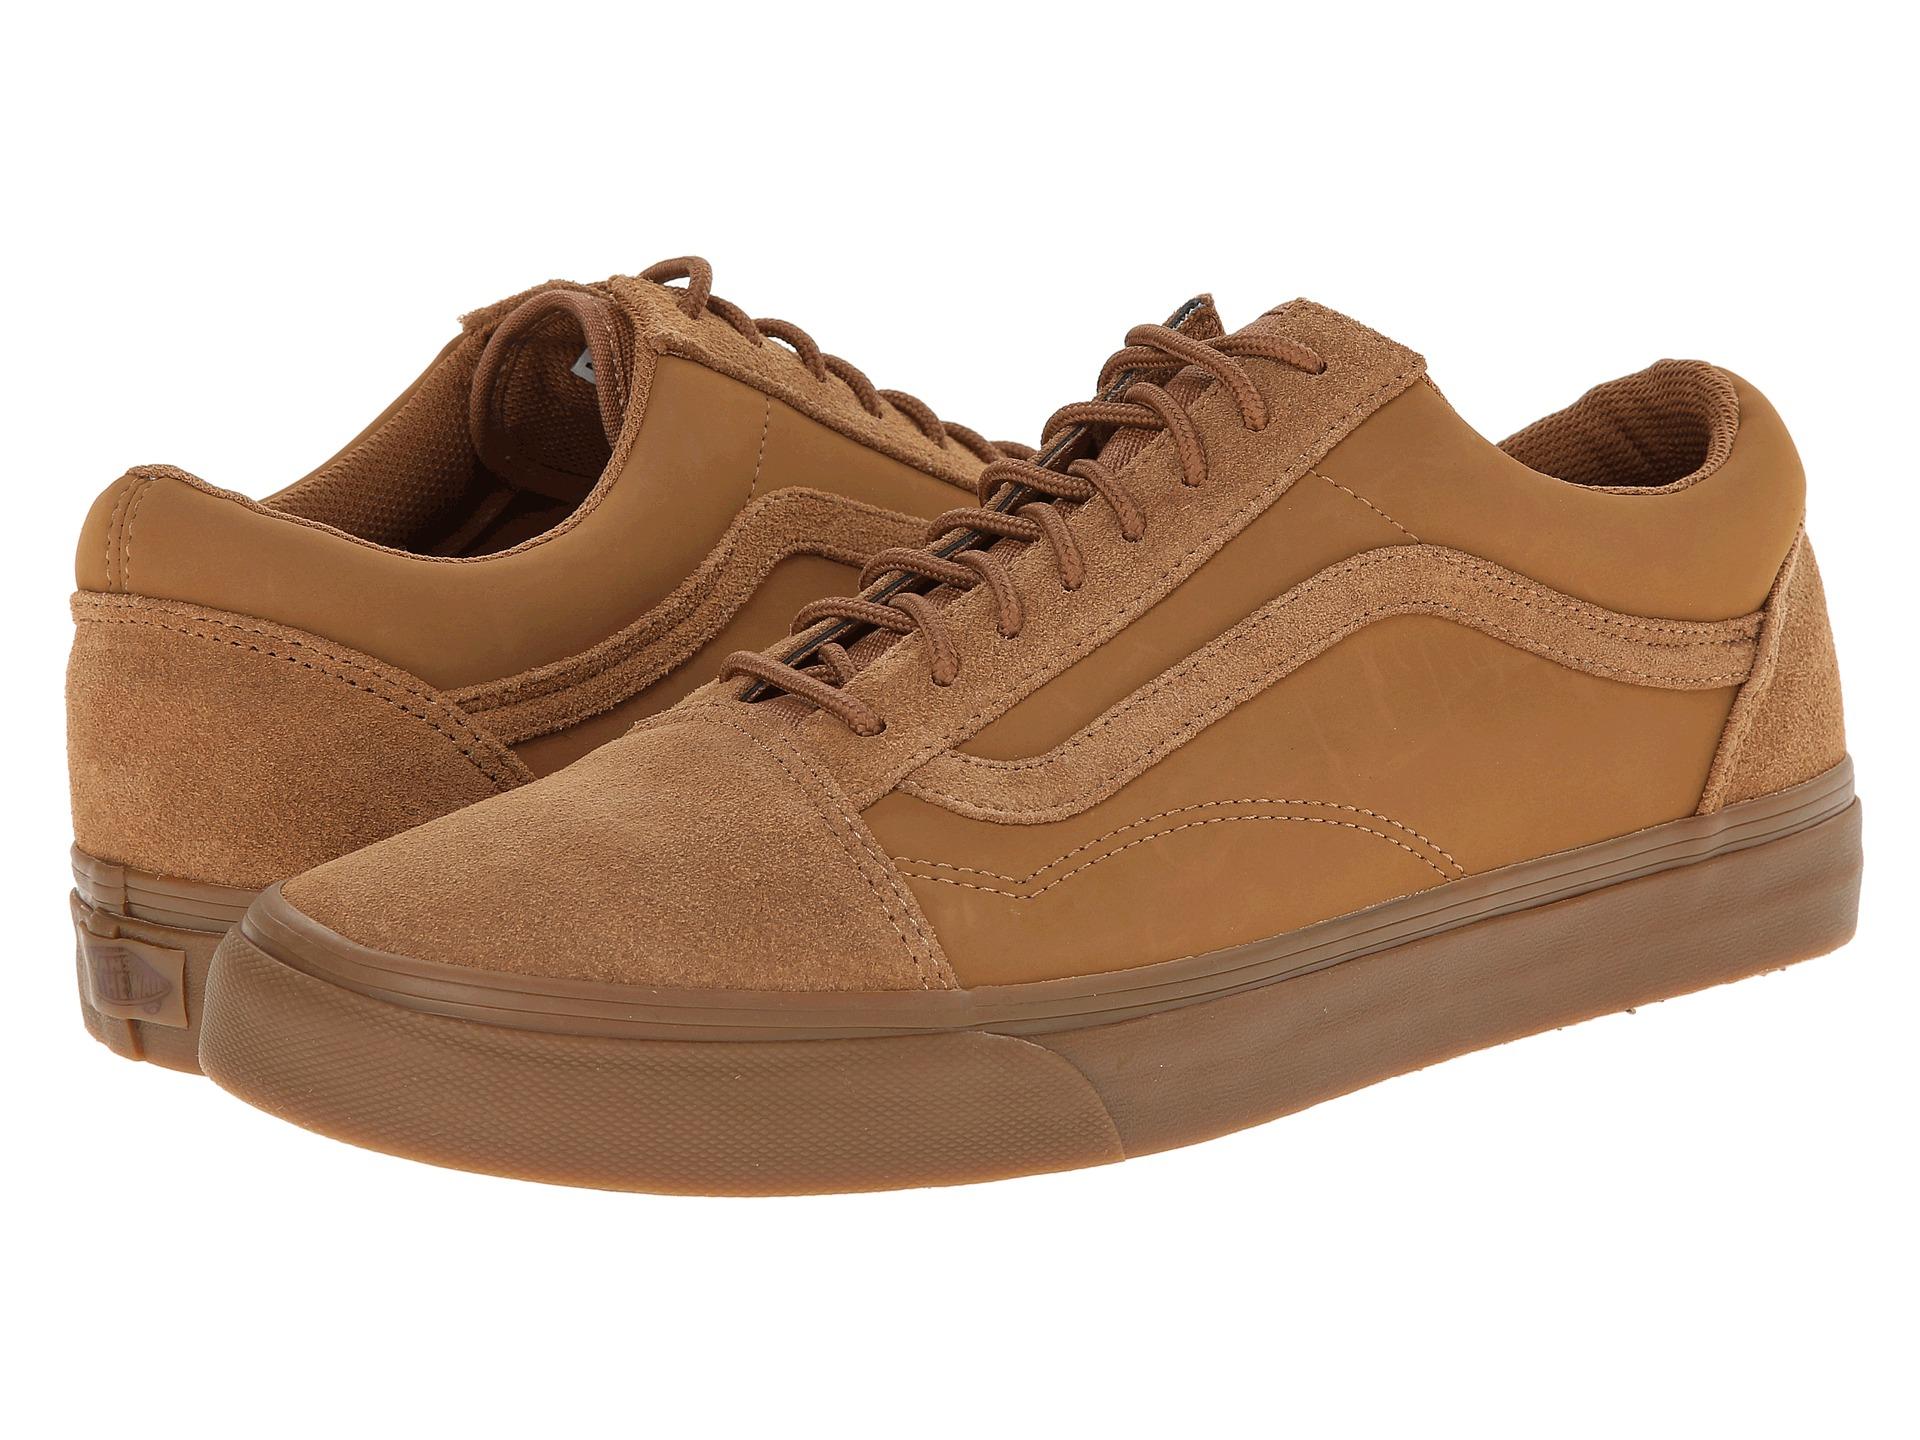 3334ab724b5f Lyst - Vans Old Skool™ in Brown